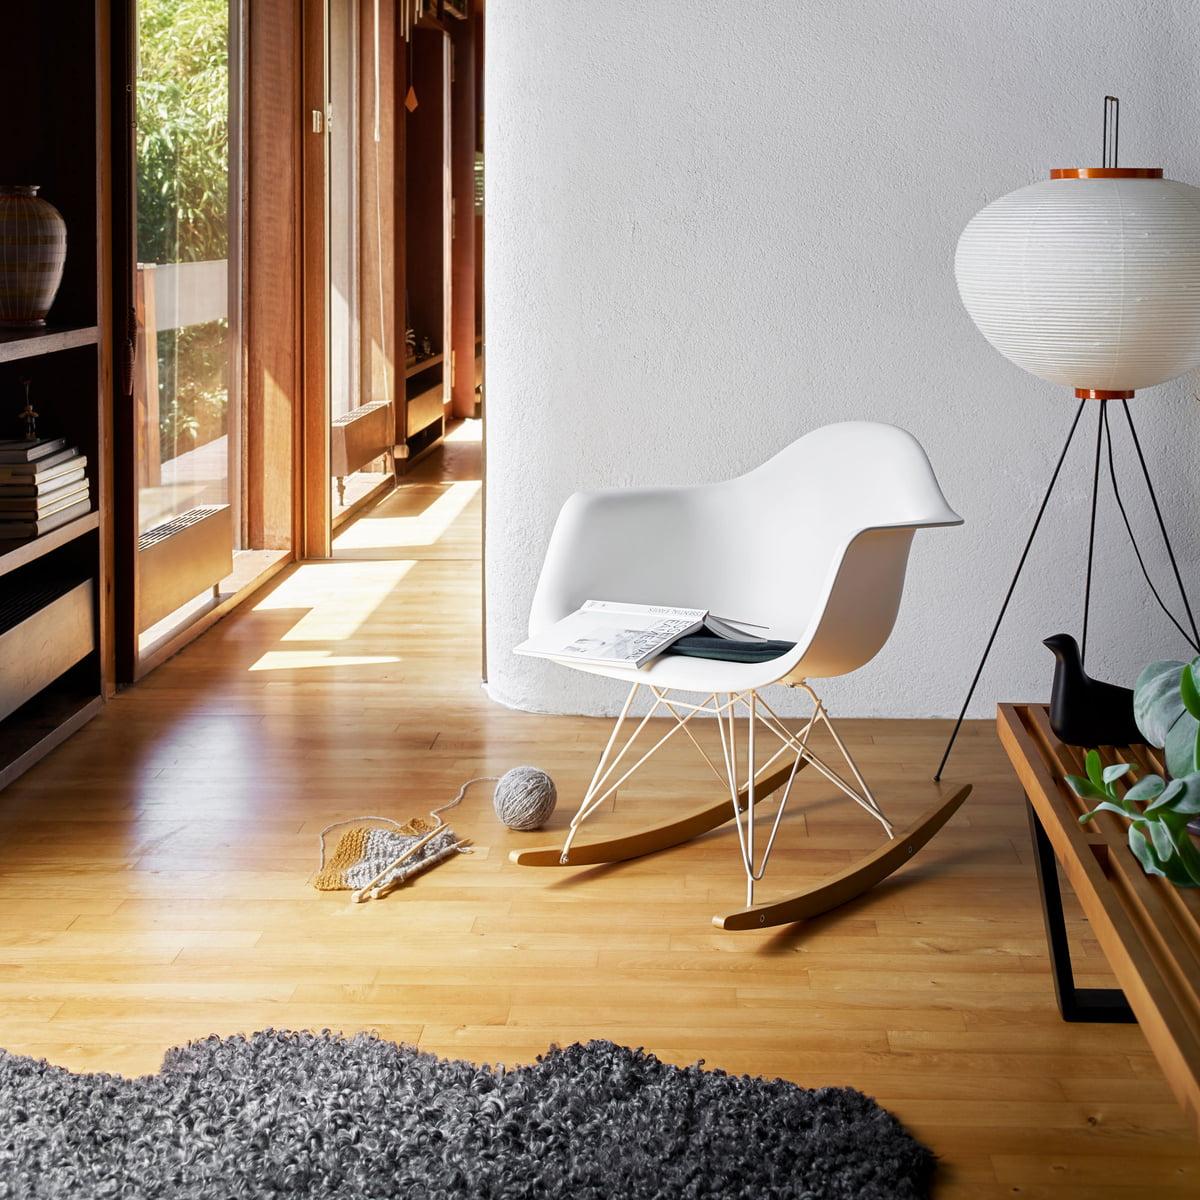 Wunderbar Limited Edition Des Eames RAR Schaukelsessel Von Vitra